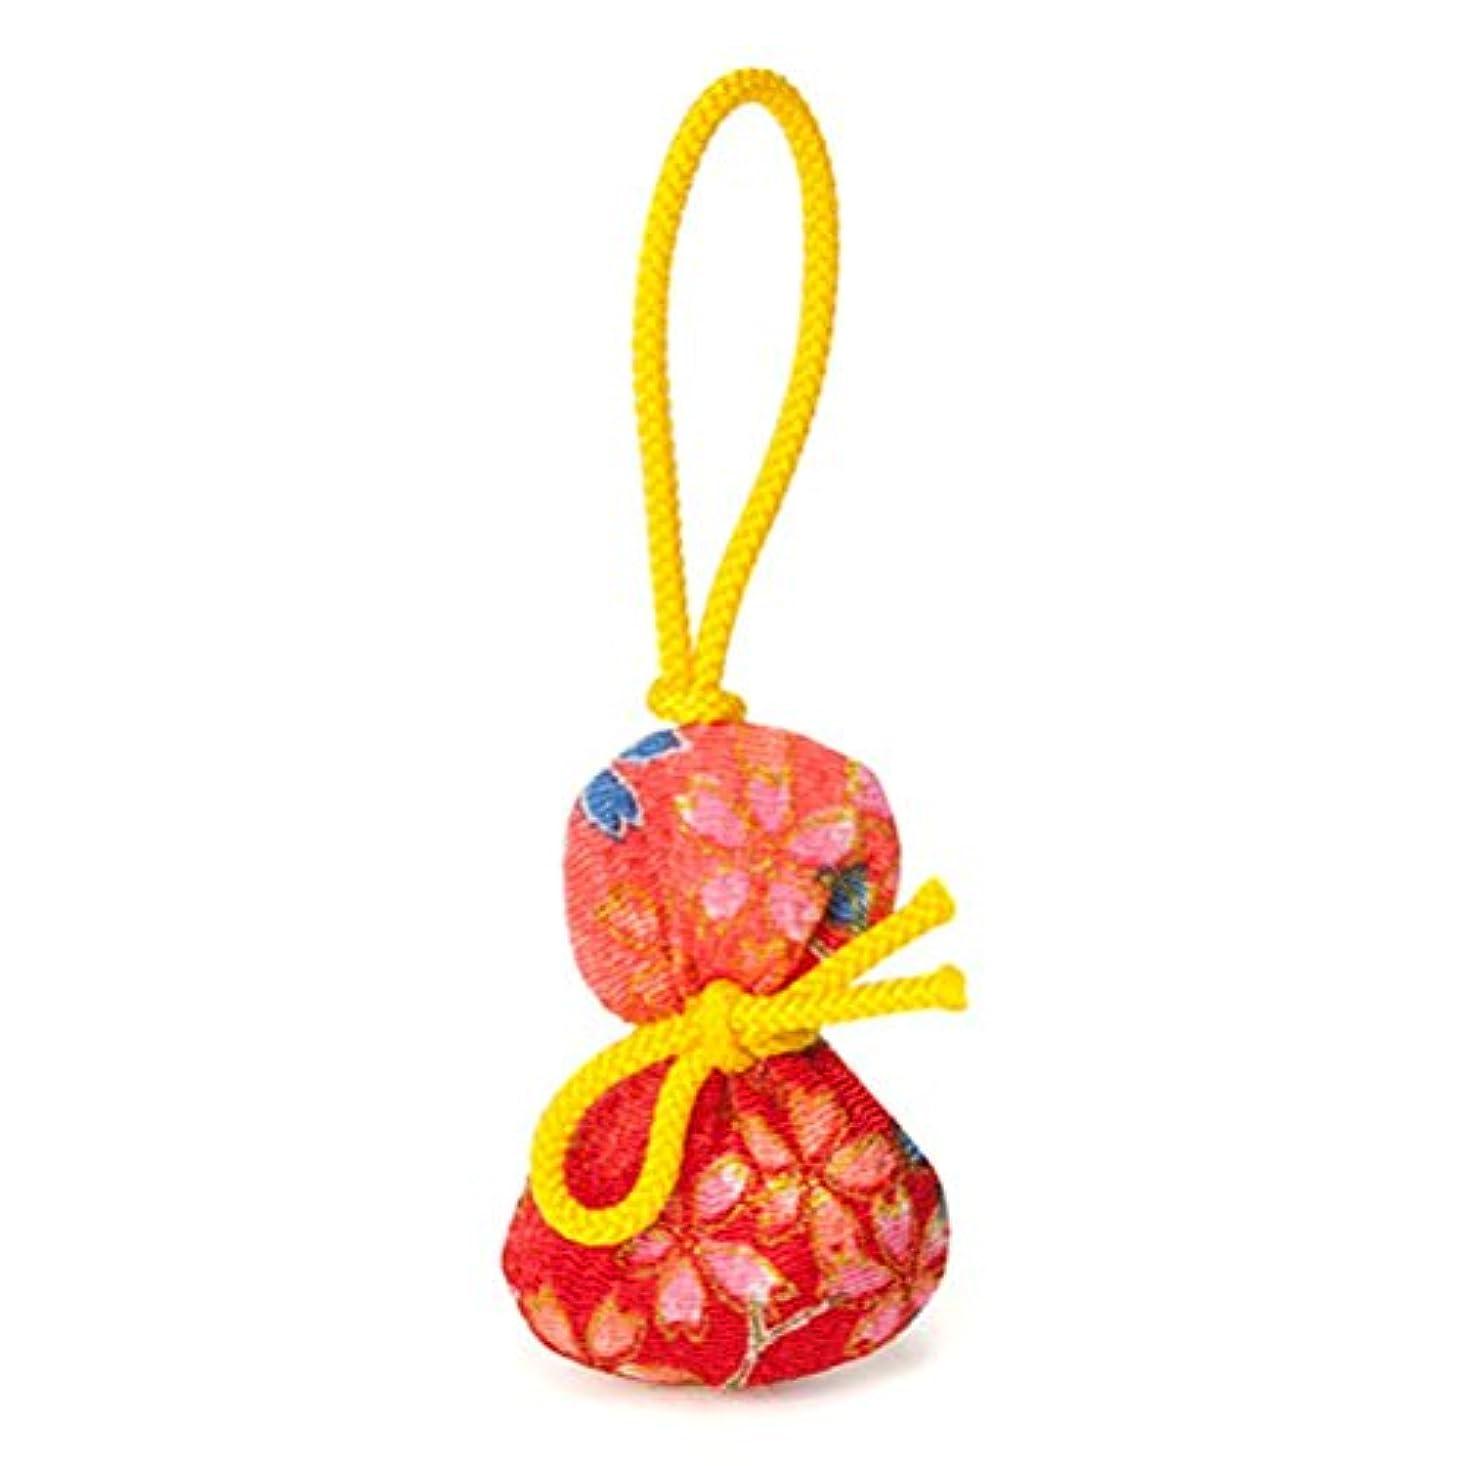 激しいイタリアの夢松栄堂 匂い袋 誰が袖 ふくべ 1個入 ケースなし (柄か無地をお選びください) (柄)